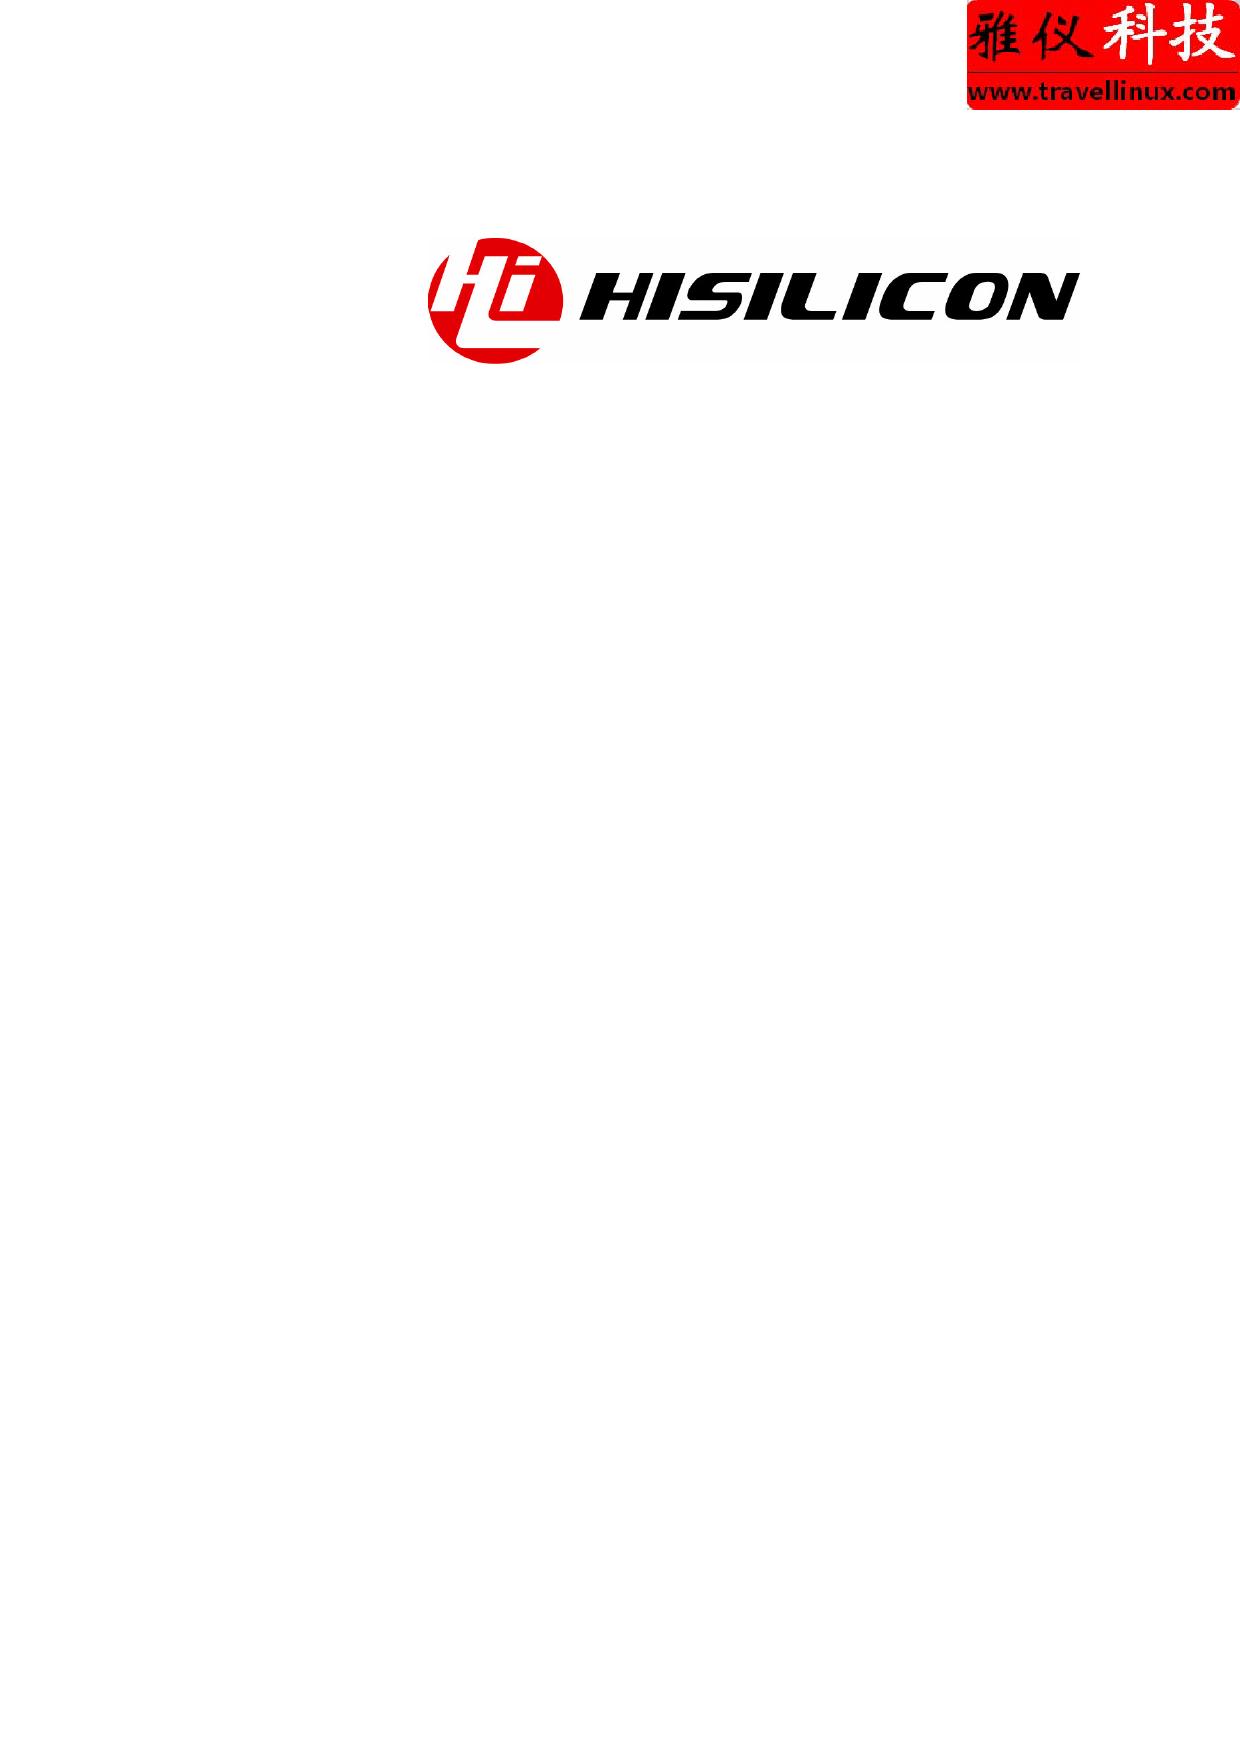 Hi3516 datasheet, circuit